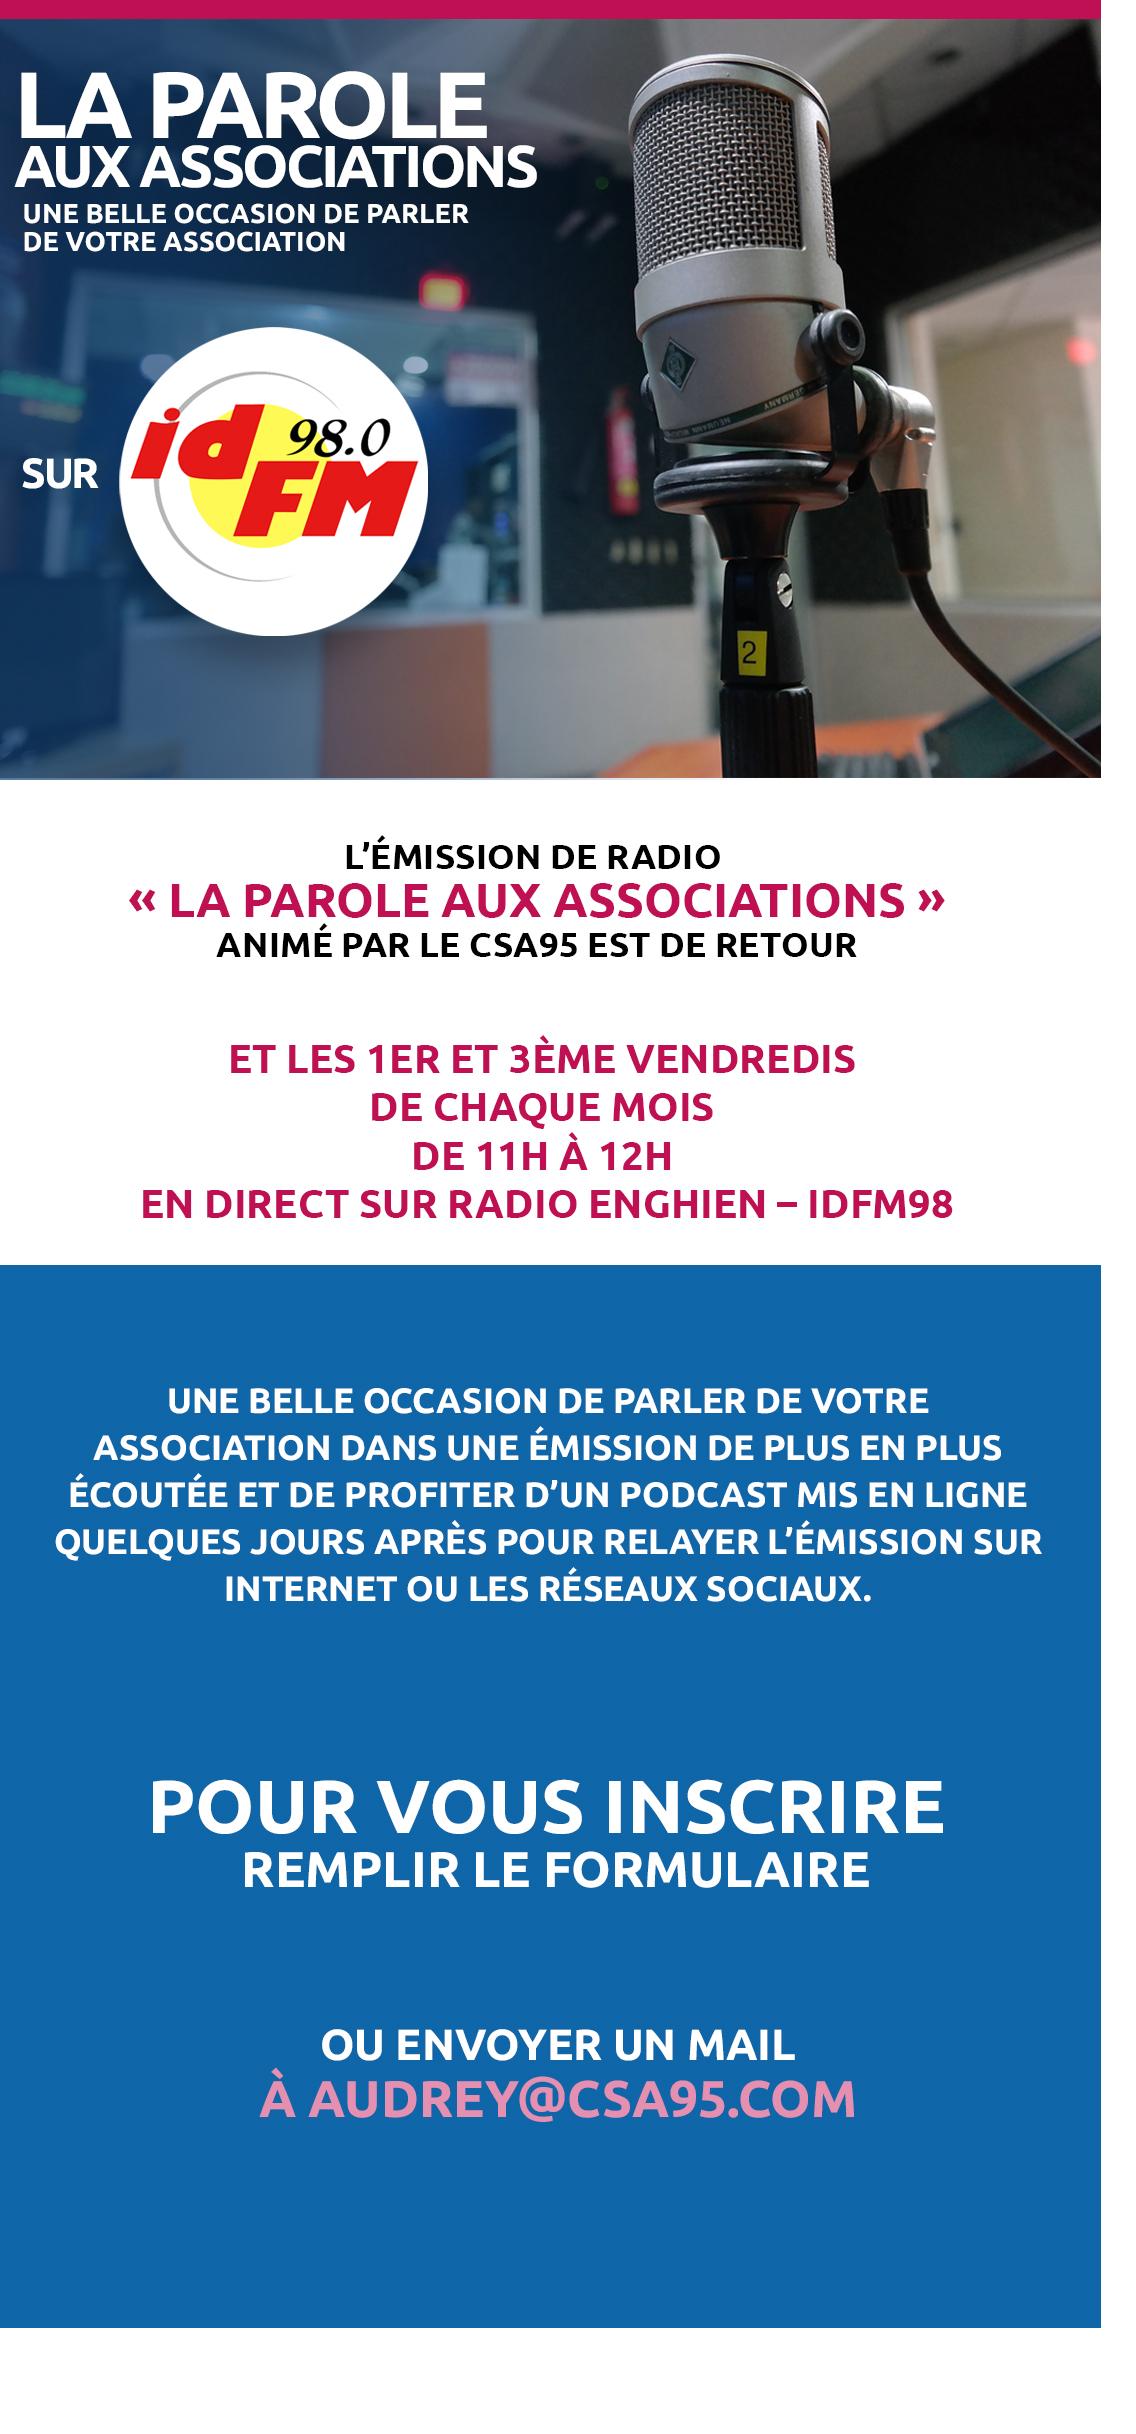 Vous inscrire à l'émission radio pour les associations